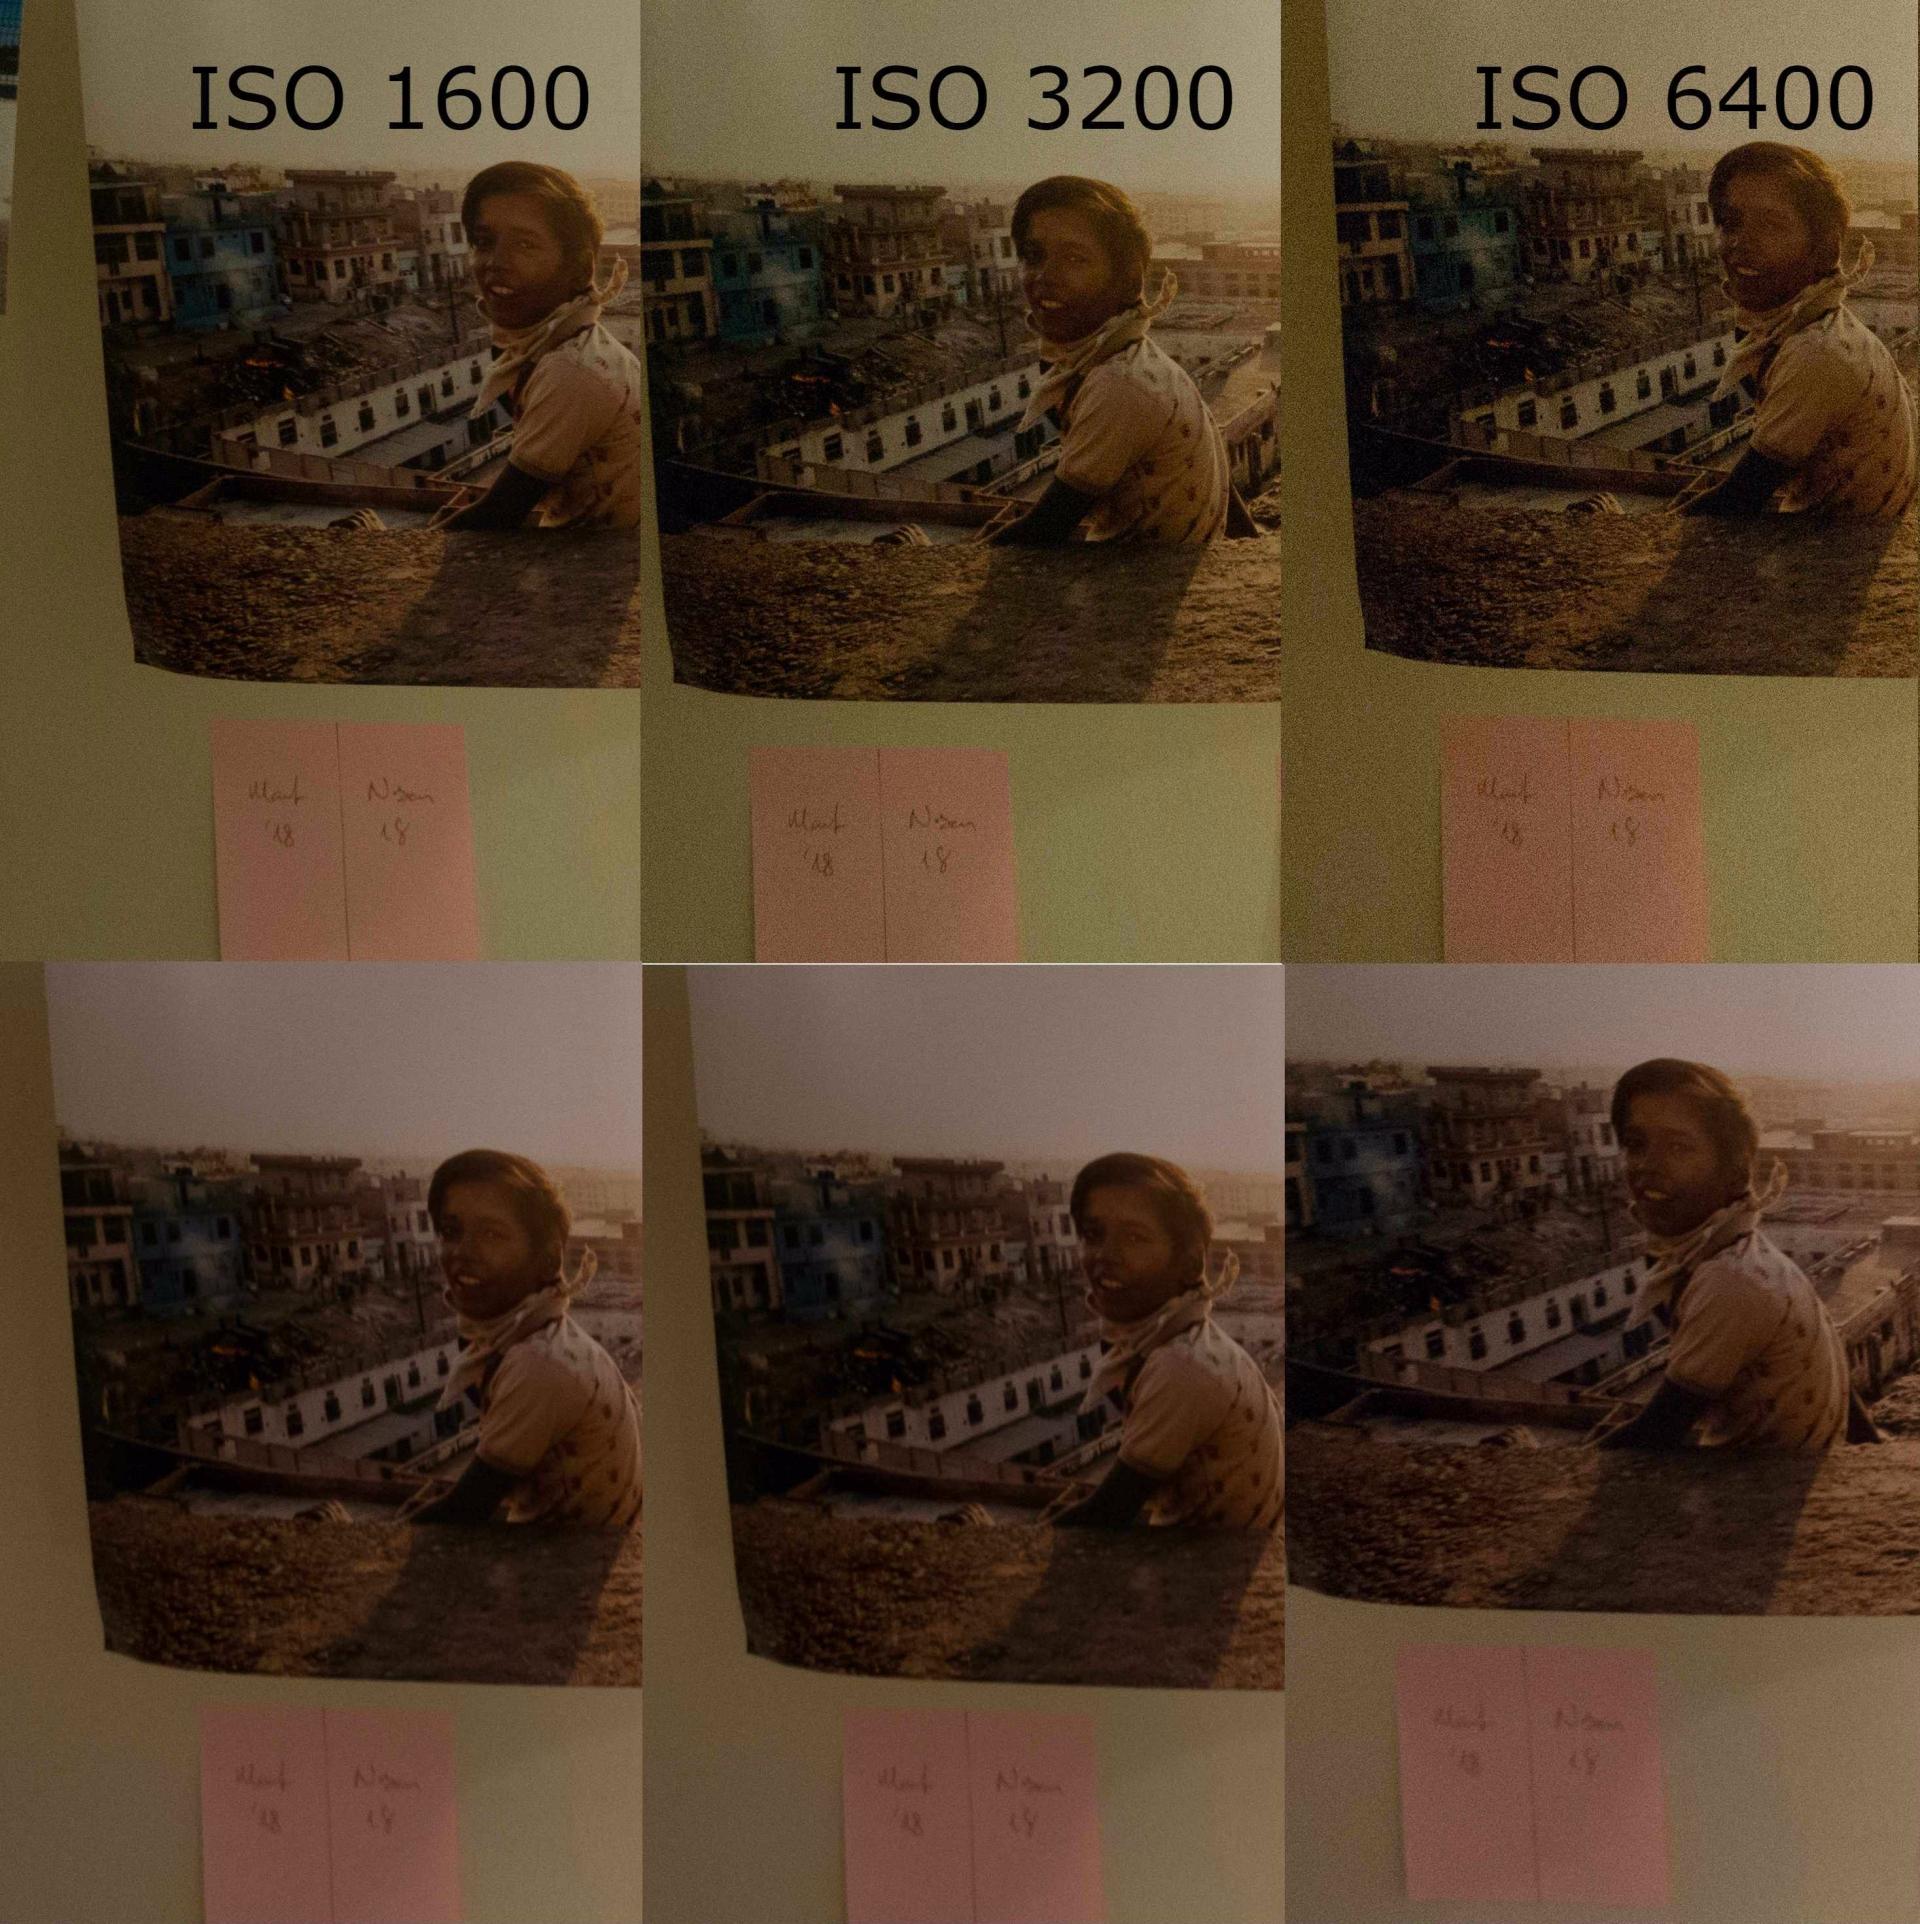 gr vs xpro1_iso